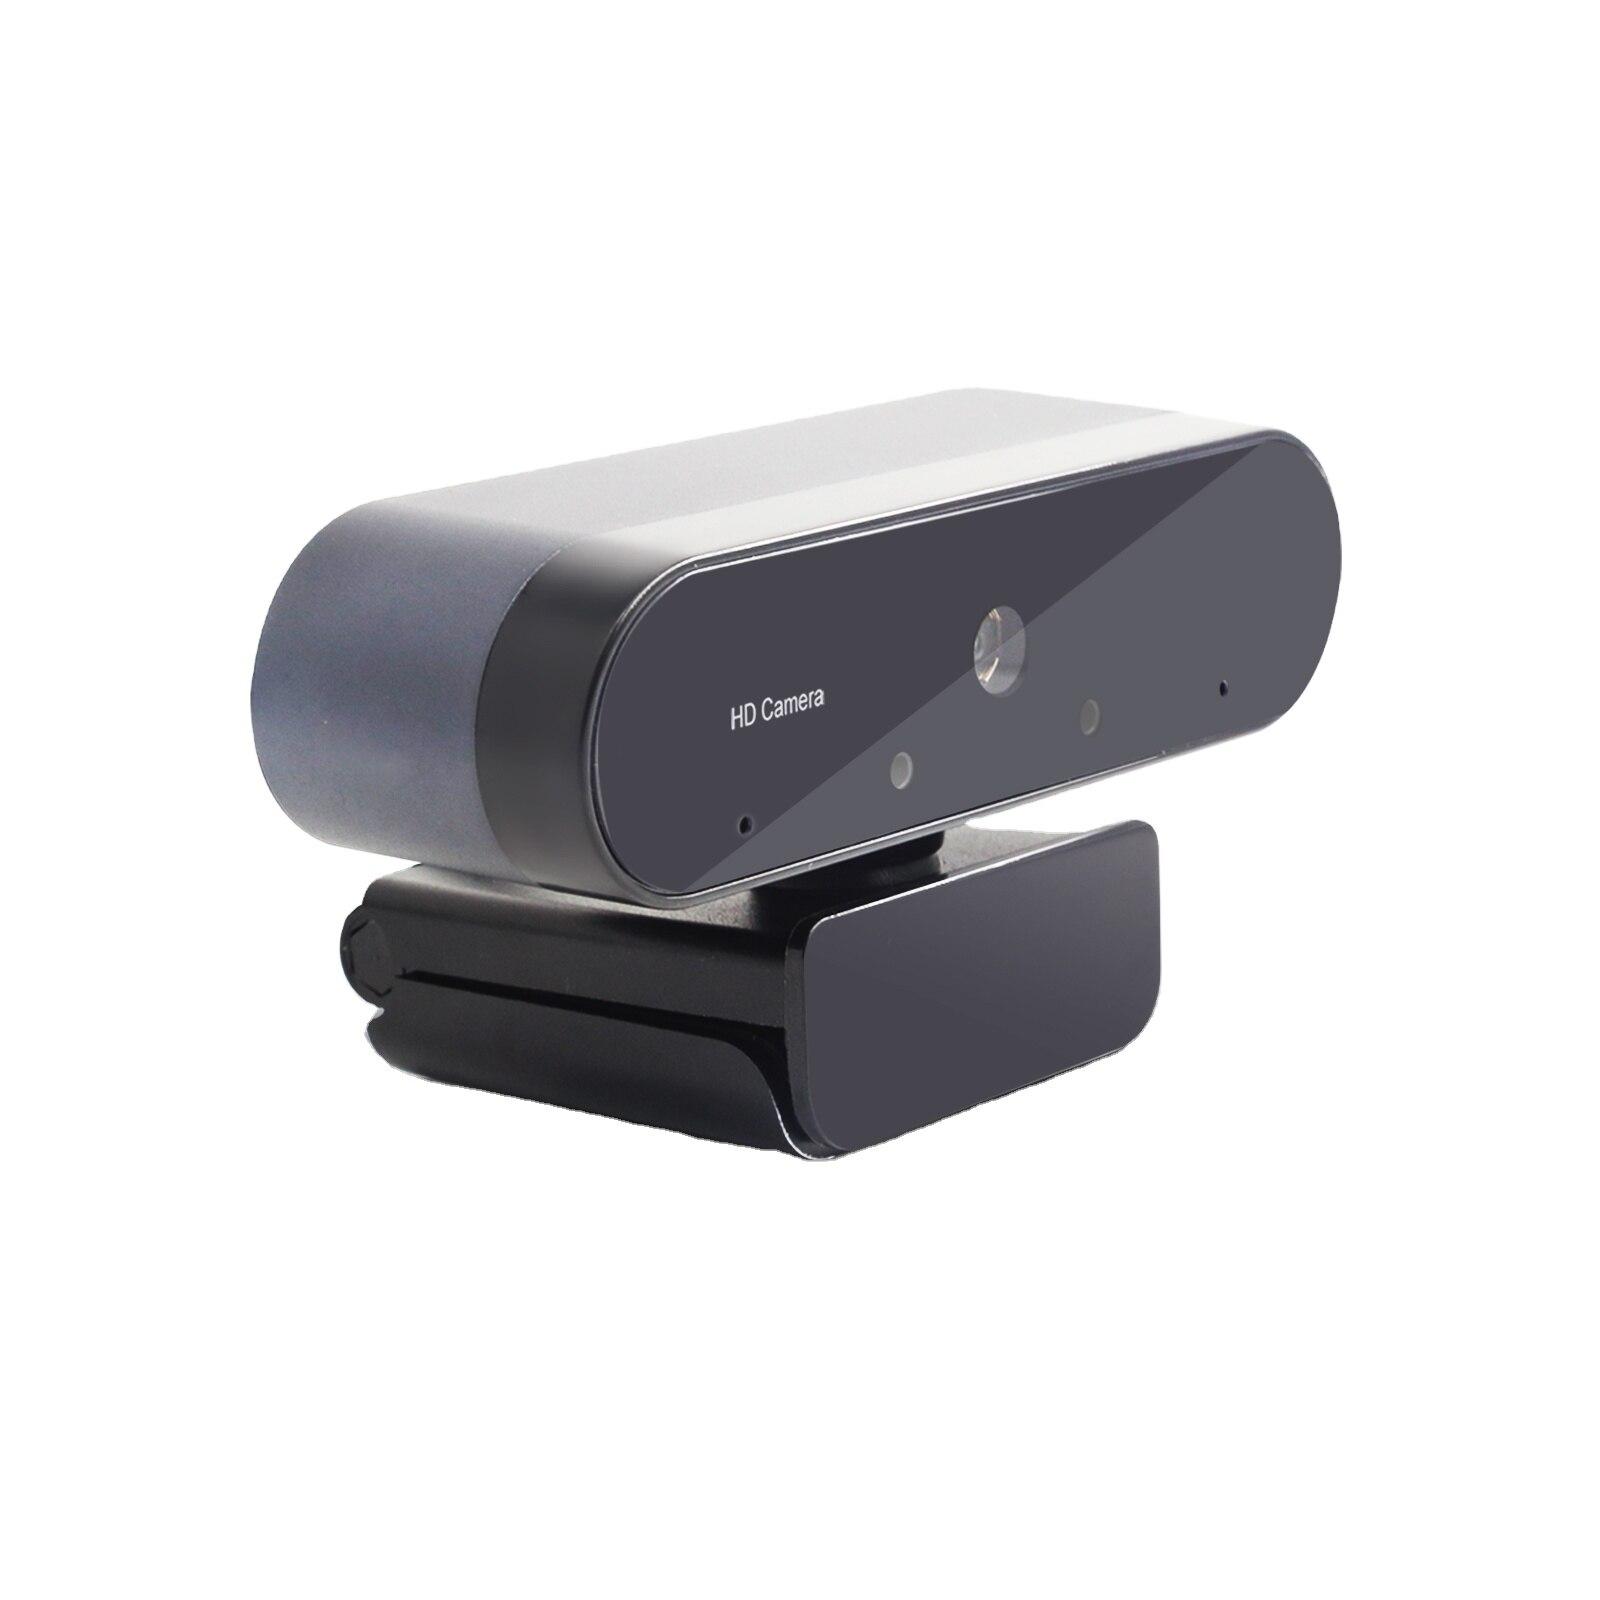 مصنع الجملة أعلى جودة ميكروفون صغير HD كاميرا HD كاميرا ويب الكمبيوتر USB للكاميرا الصغيرة بدون طيار